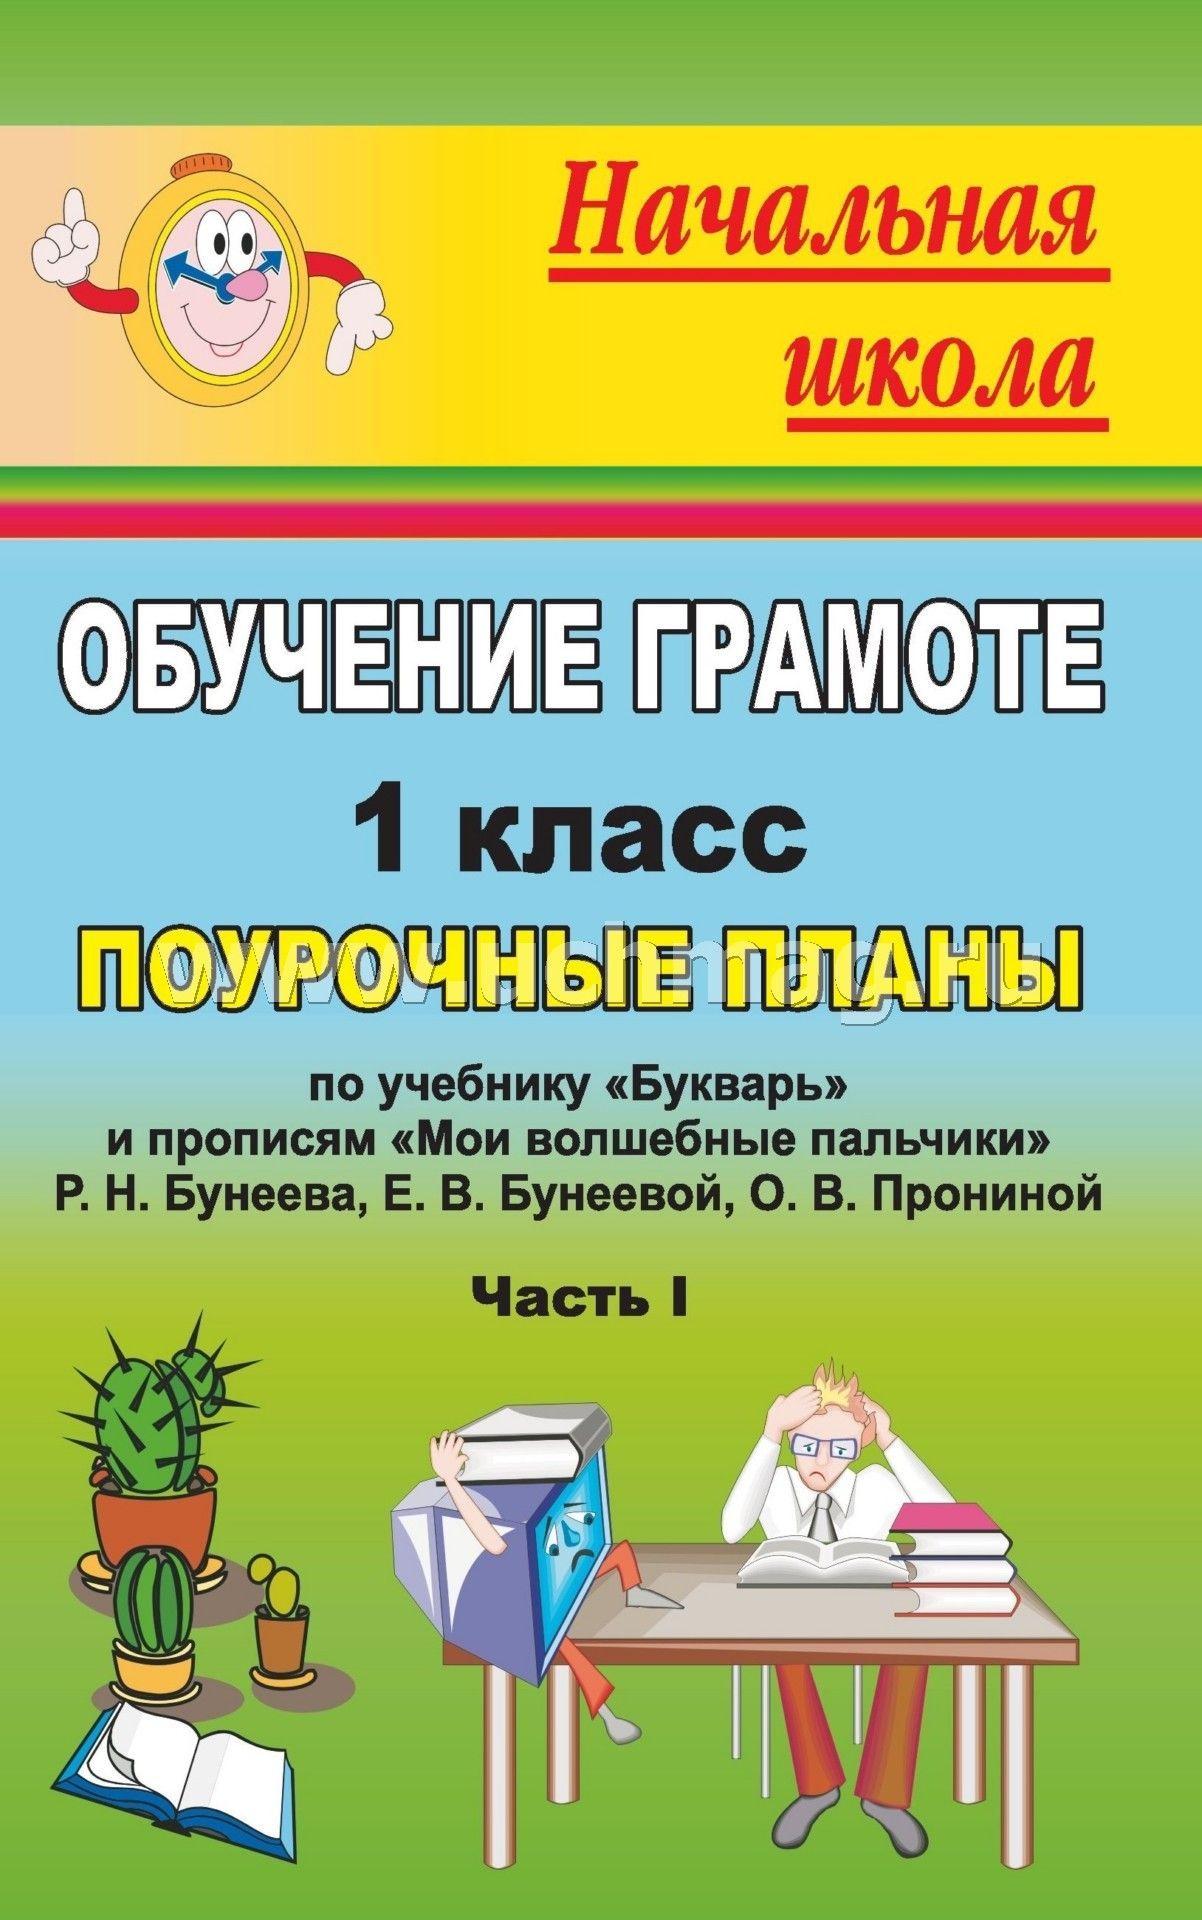 Учебник по татарскому языку за 11 класс малафеева